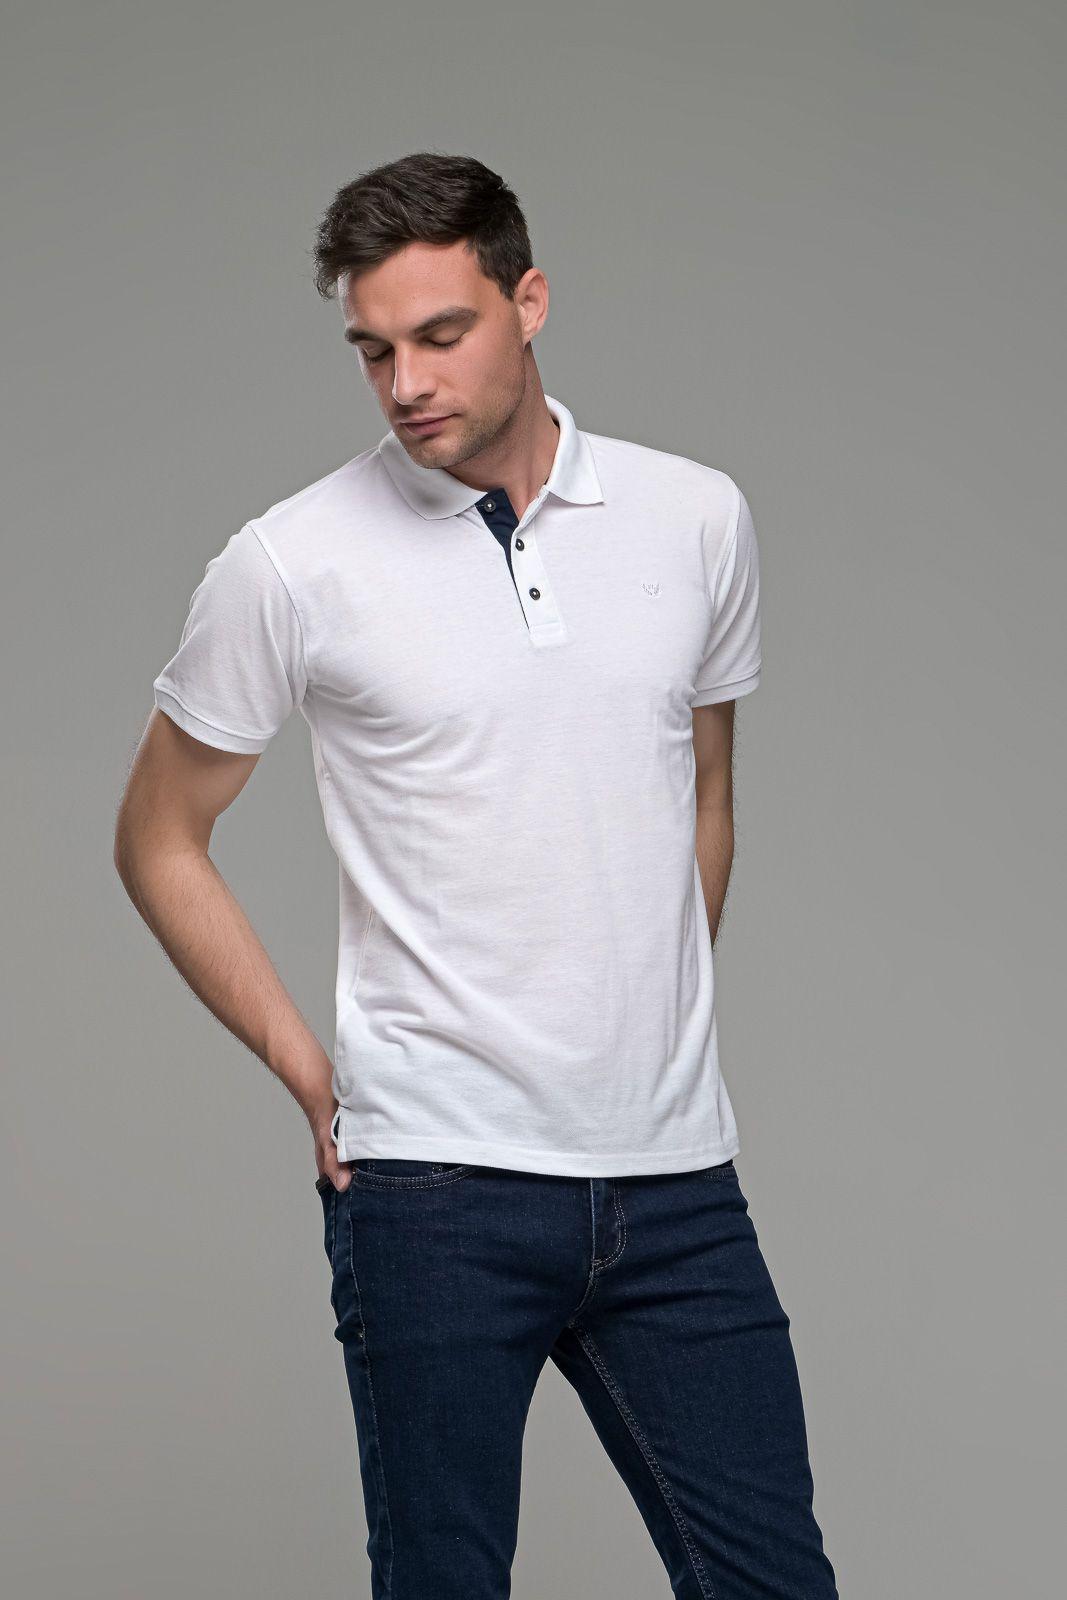 Φθηνό άσπρο λευκό Ανδρικό Πόλο Μπλουζάκι FR με Μπλε Πατιλέτα - Regular Fit